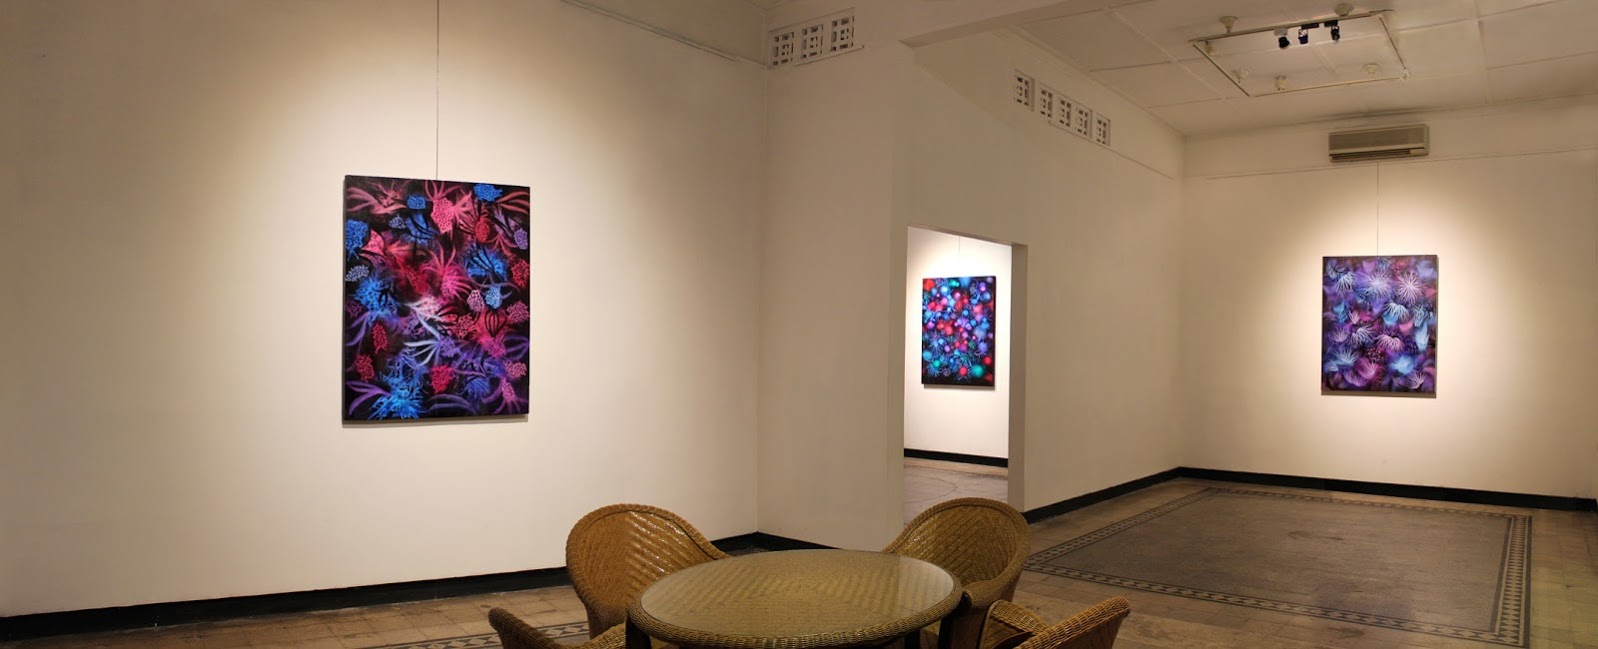 Wenzeang emmitan gallery